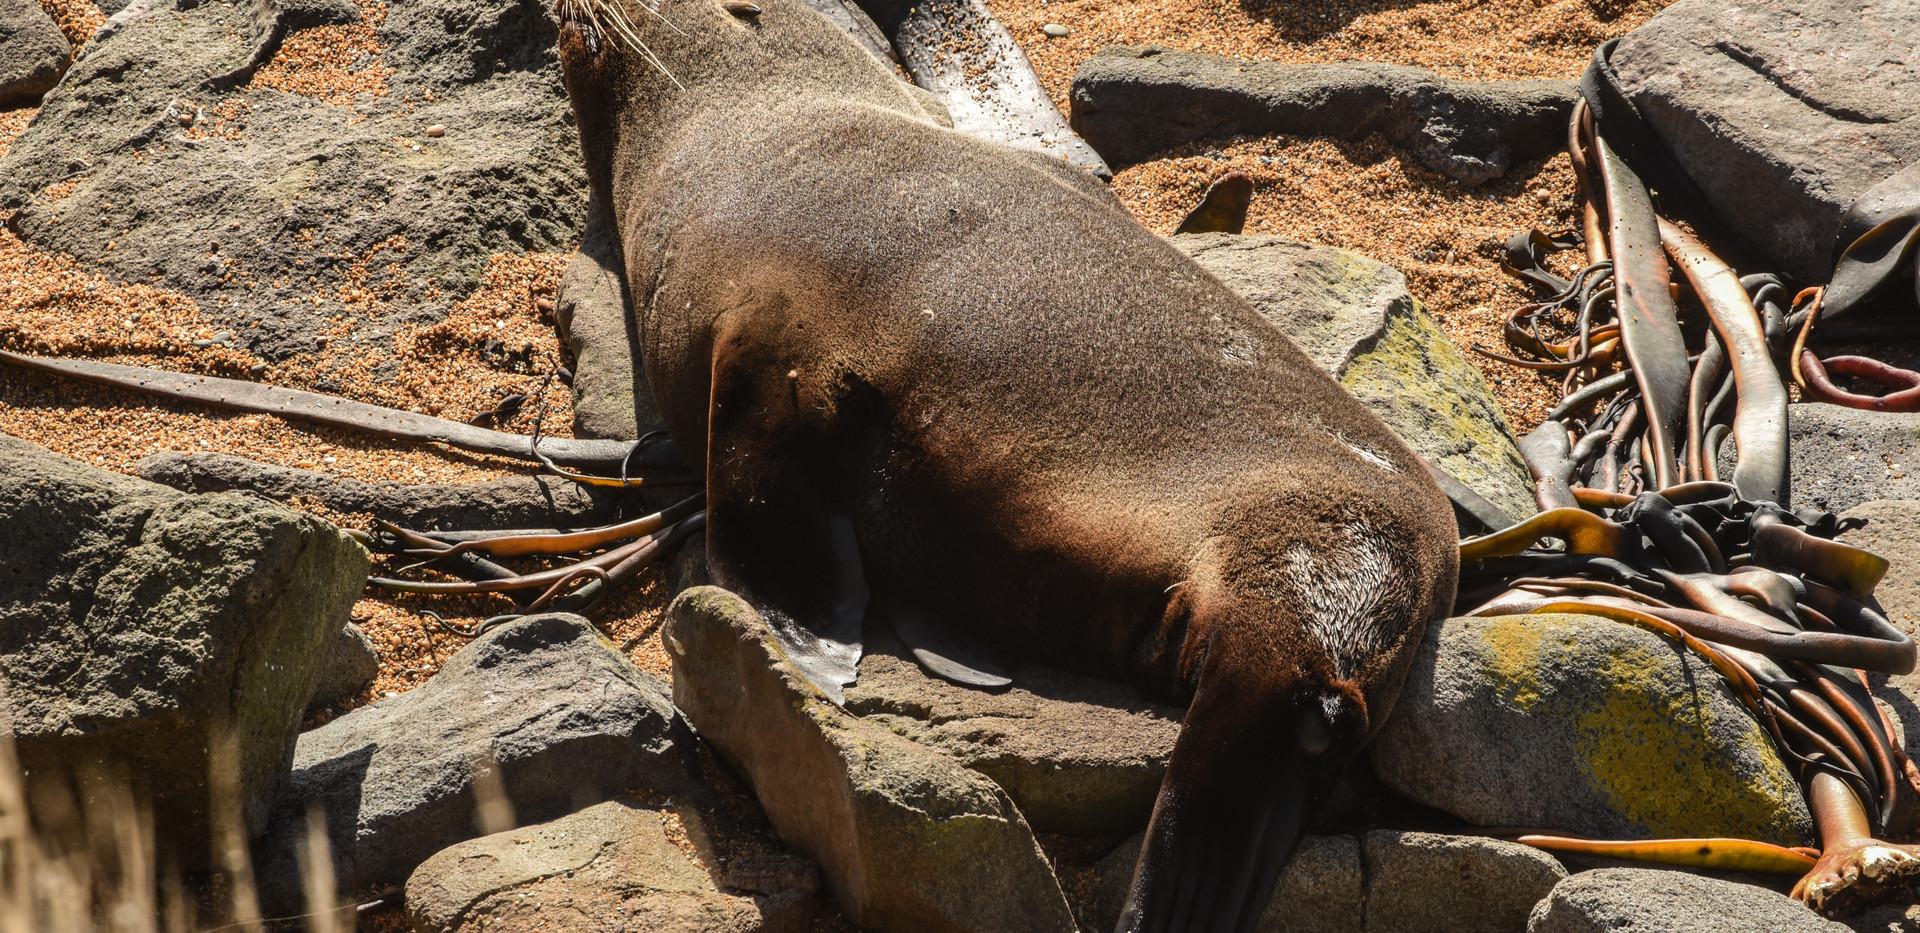 Seal on Seaweed